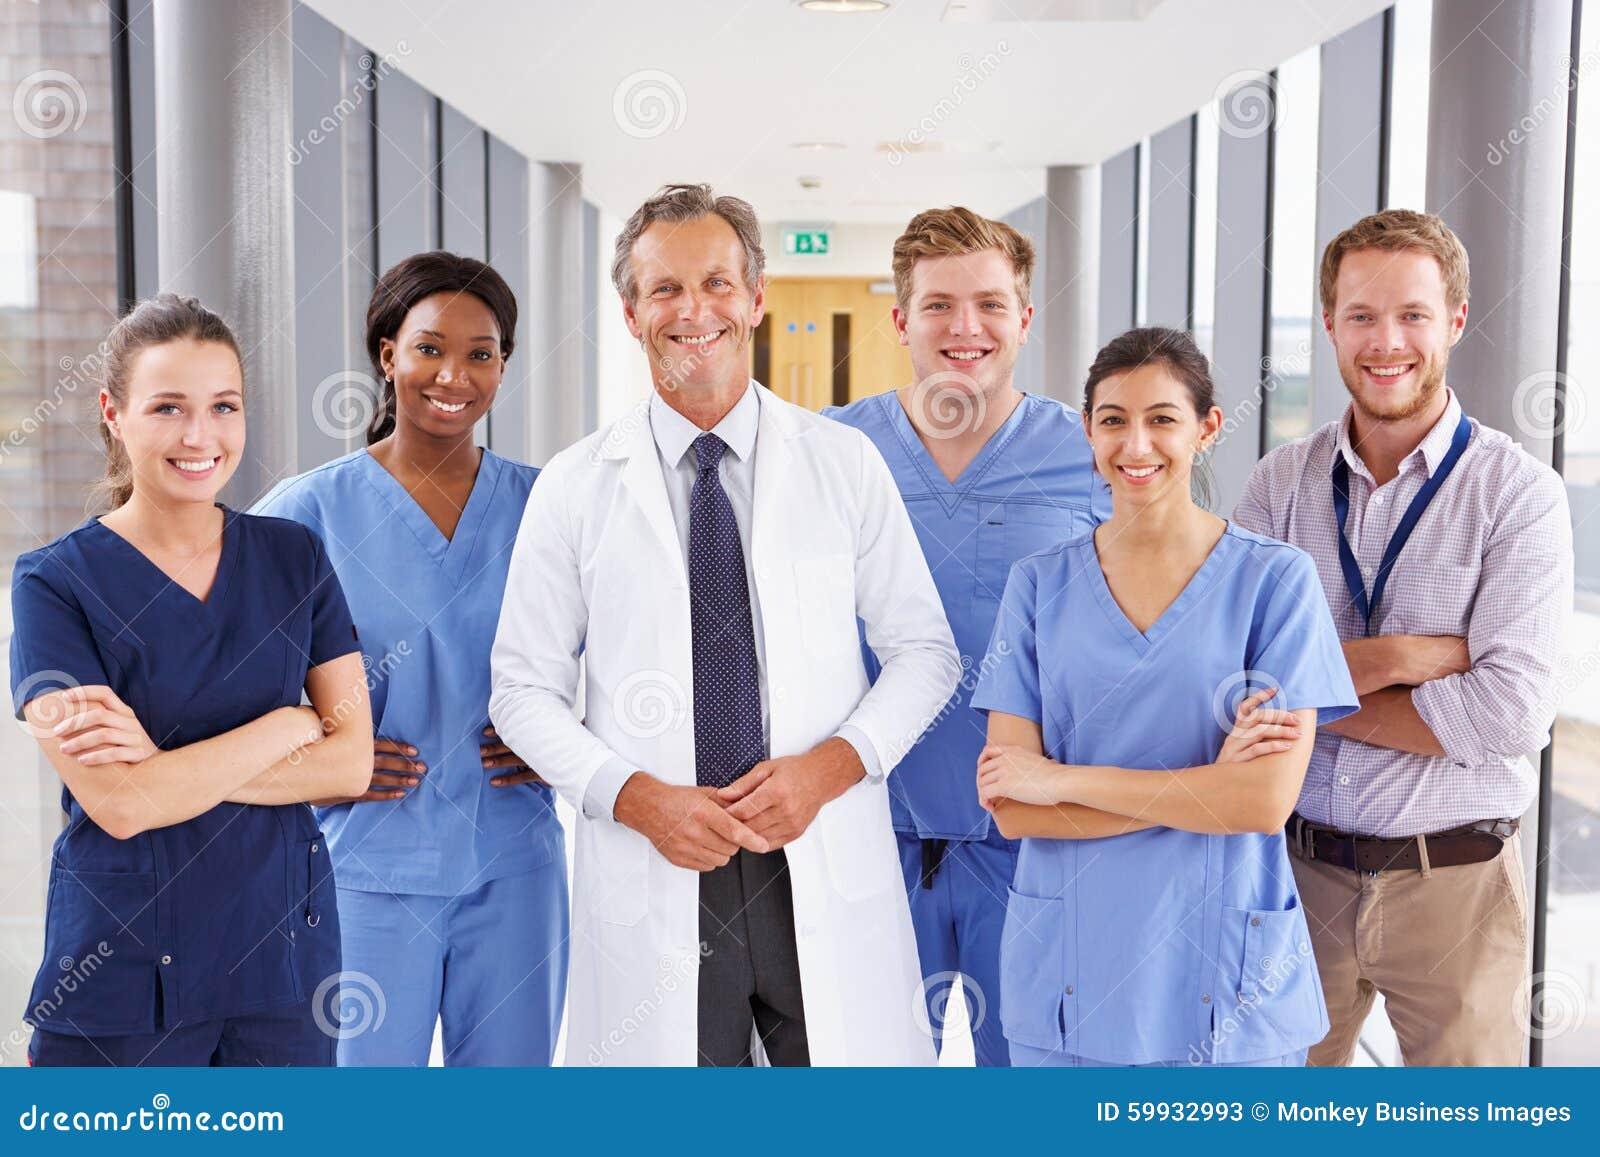 Ritratto di Team Standing In Hospital Corridor medico